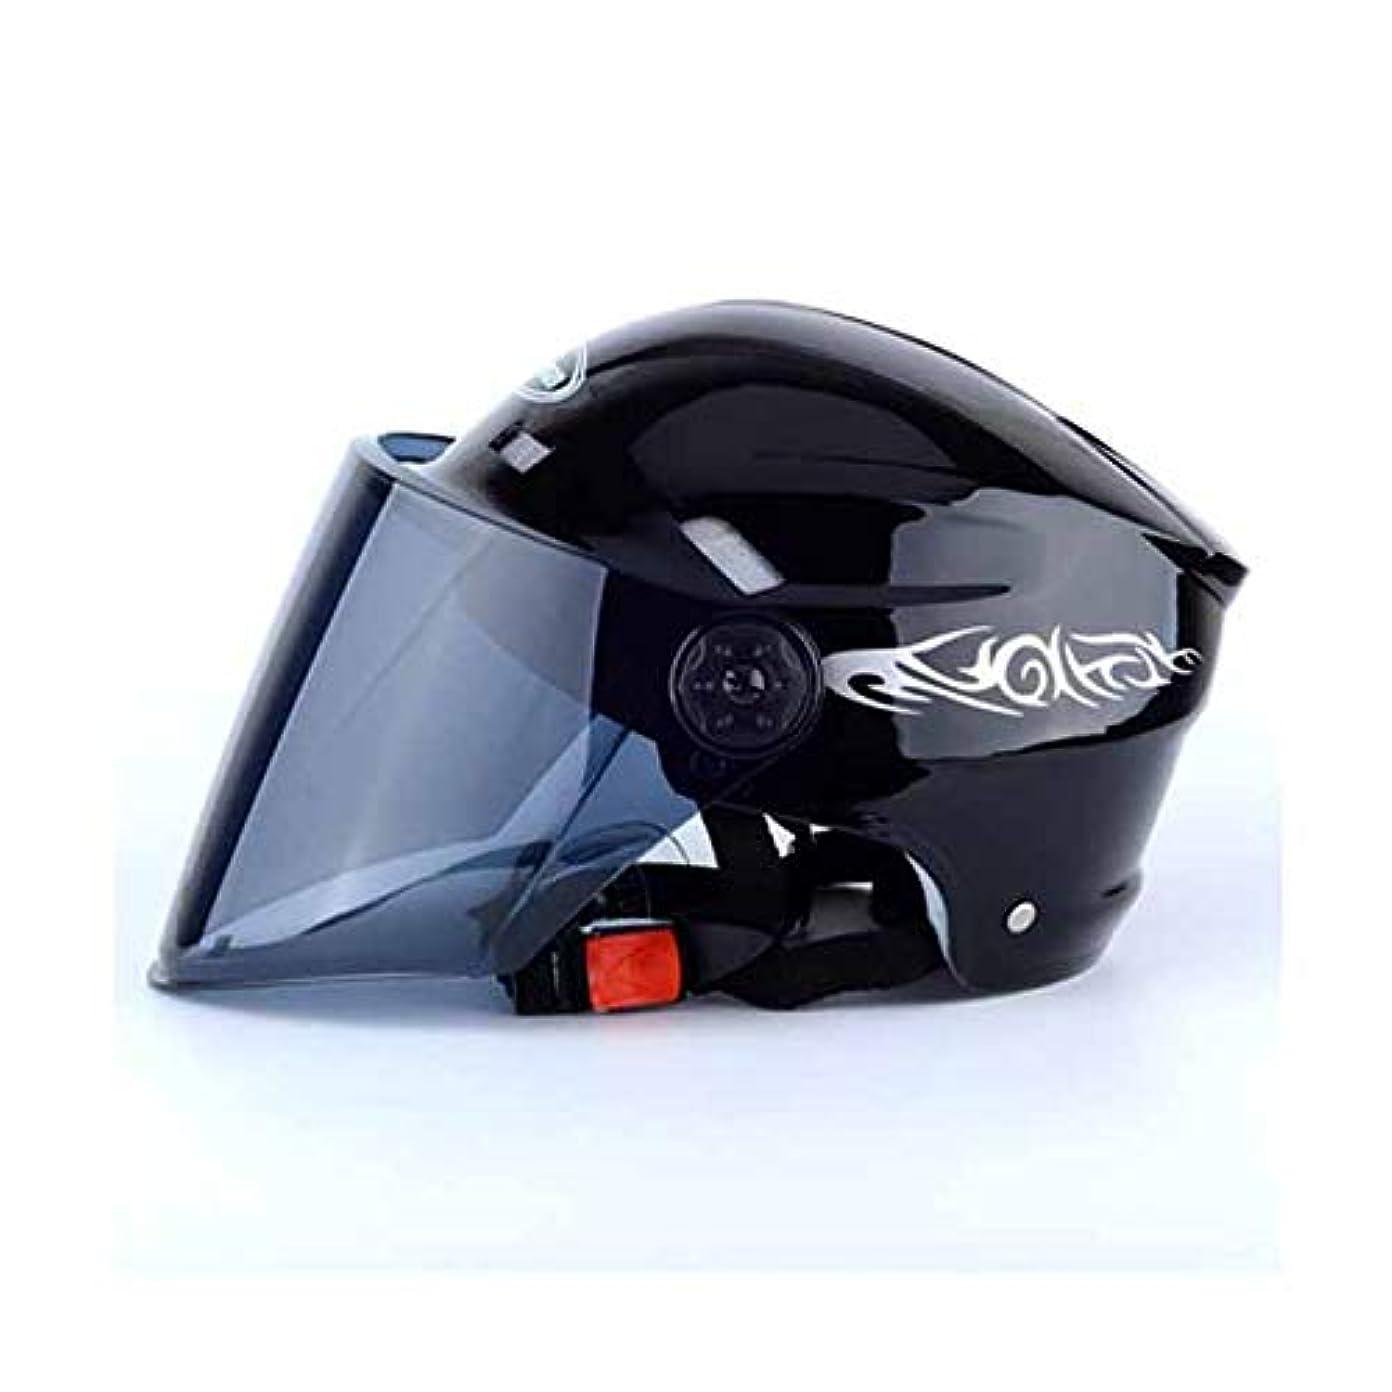 爆発する計画大事にするバイクオートバイヘルメットサンバイザー大人ユニセックスフリップアップ,Black